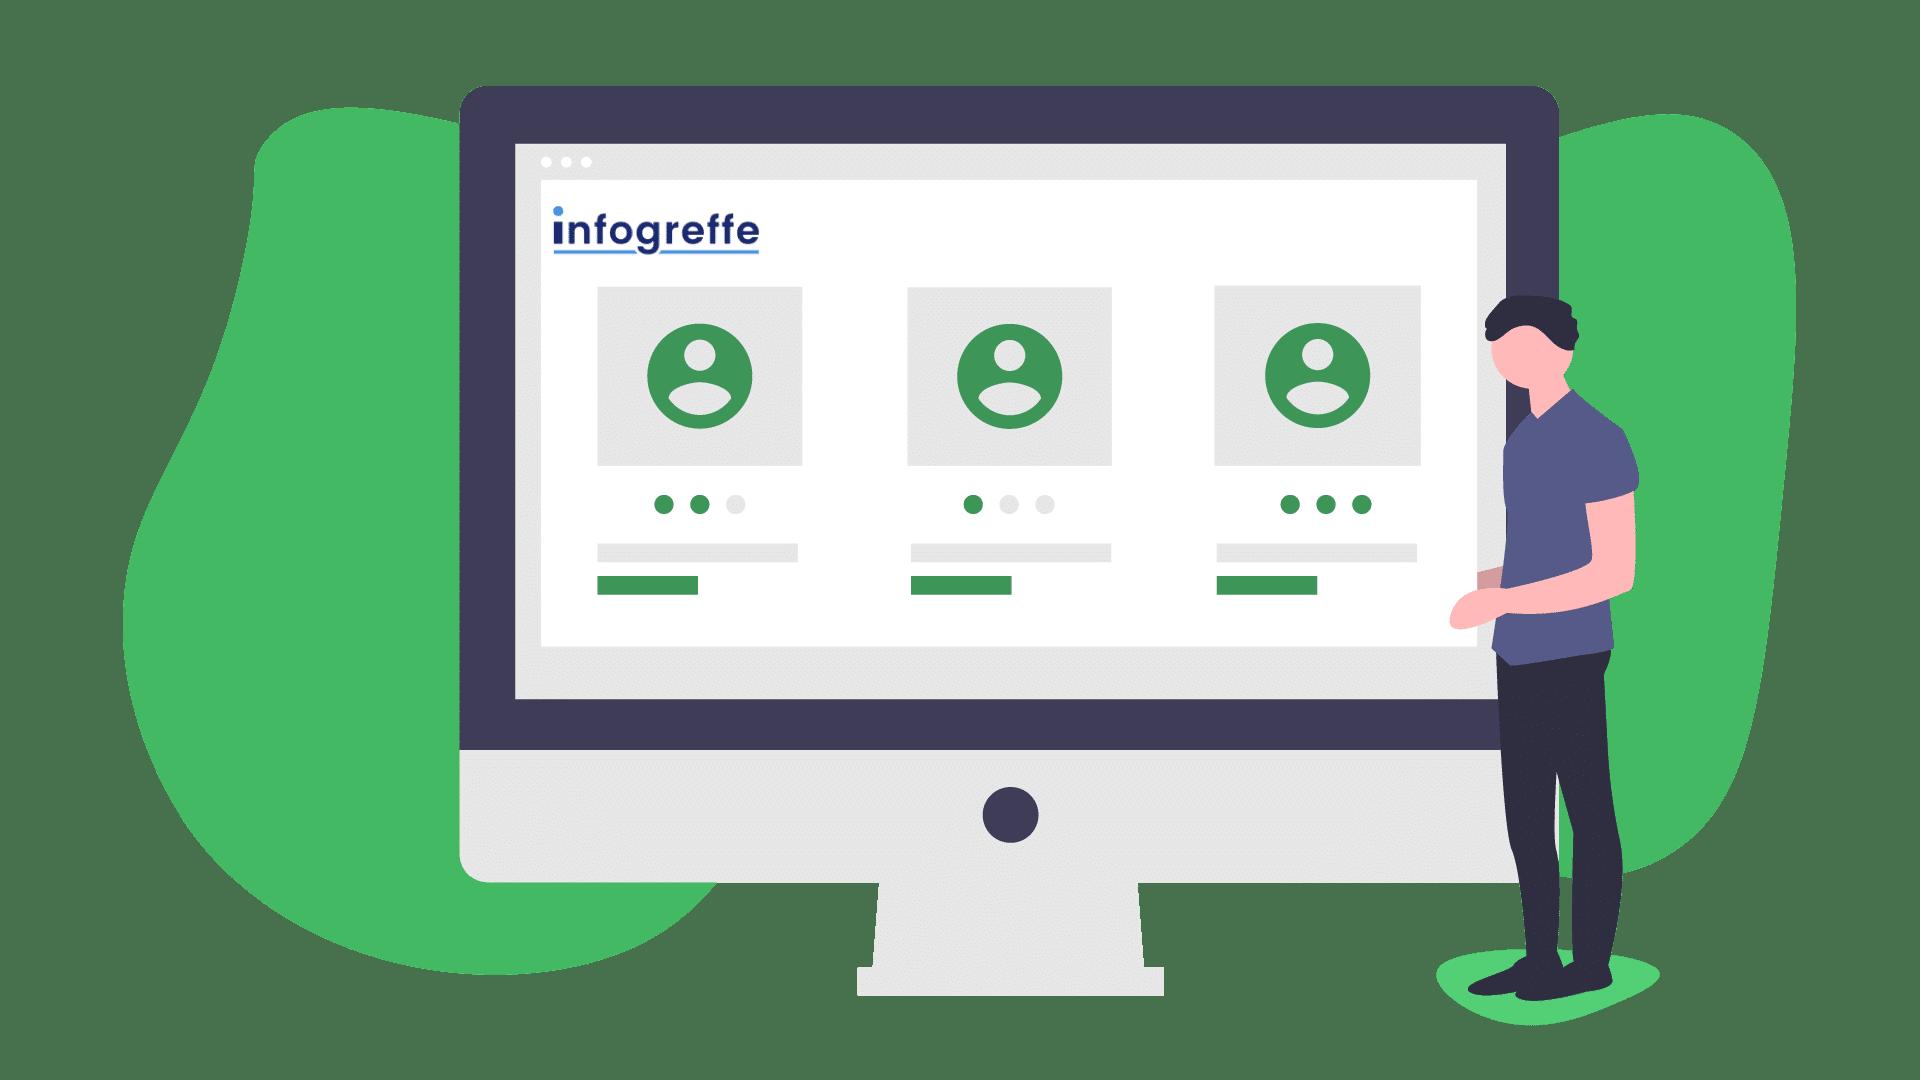 accès informations entreprises Infogreffe